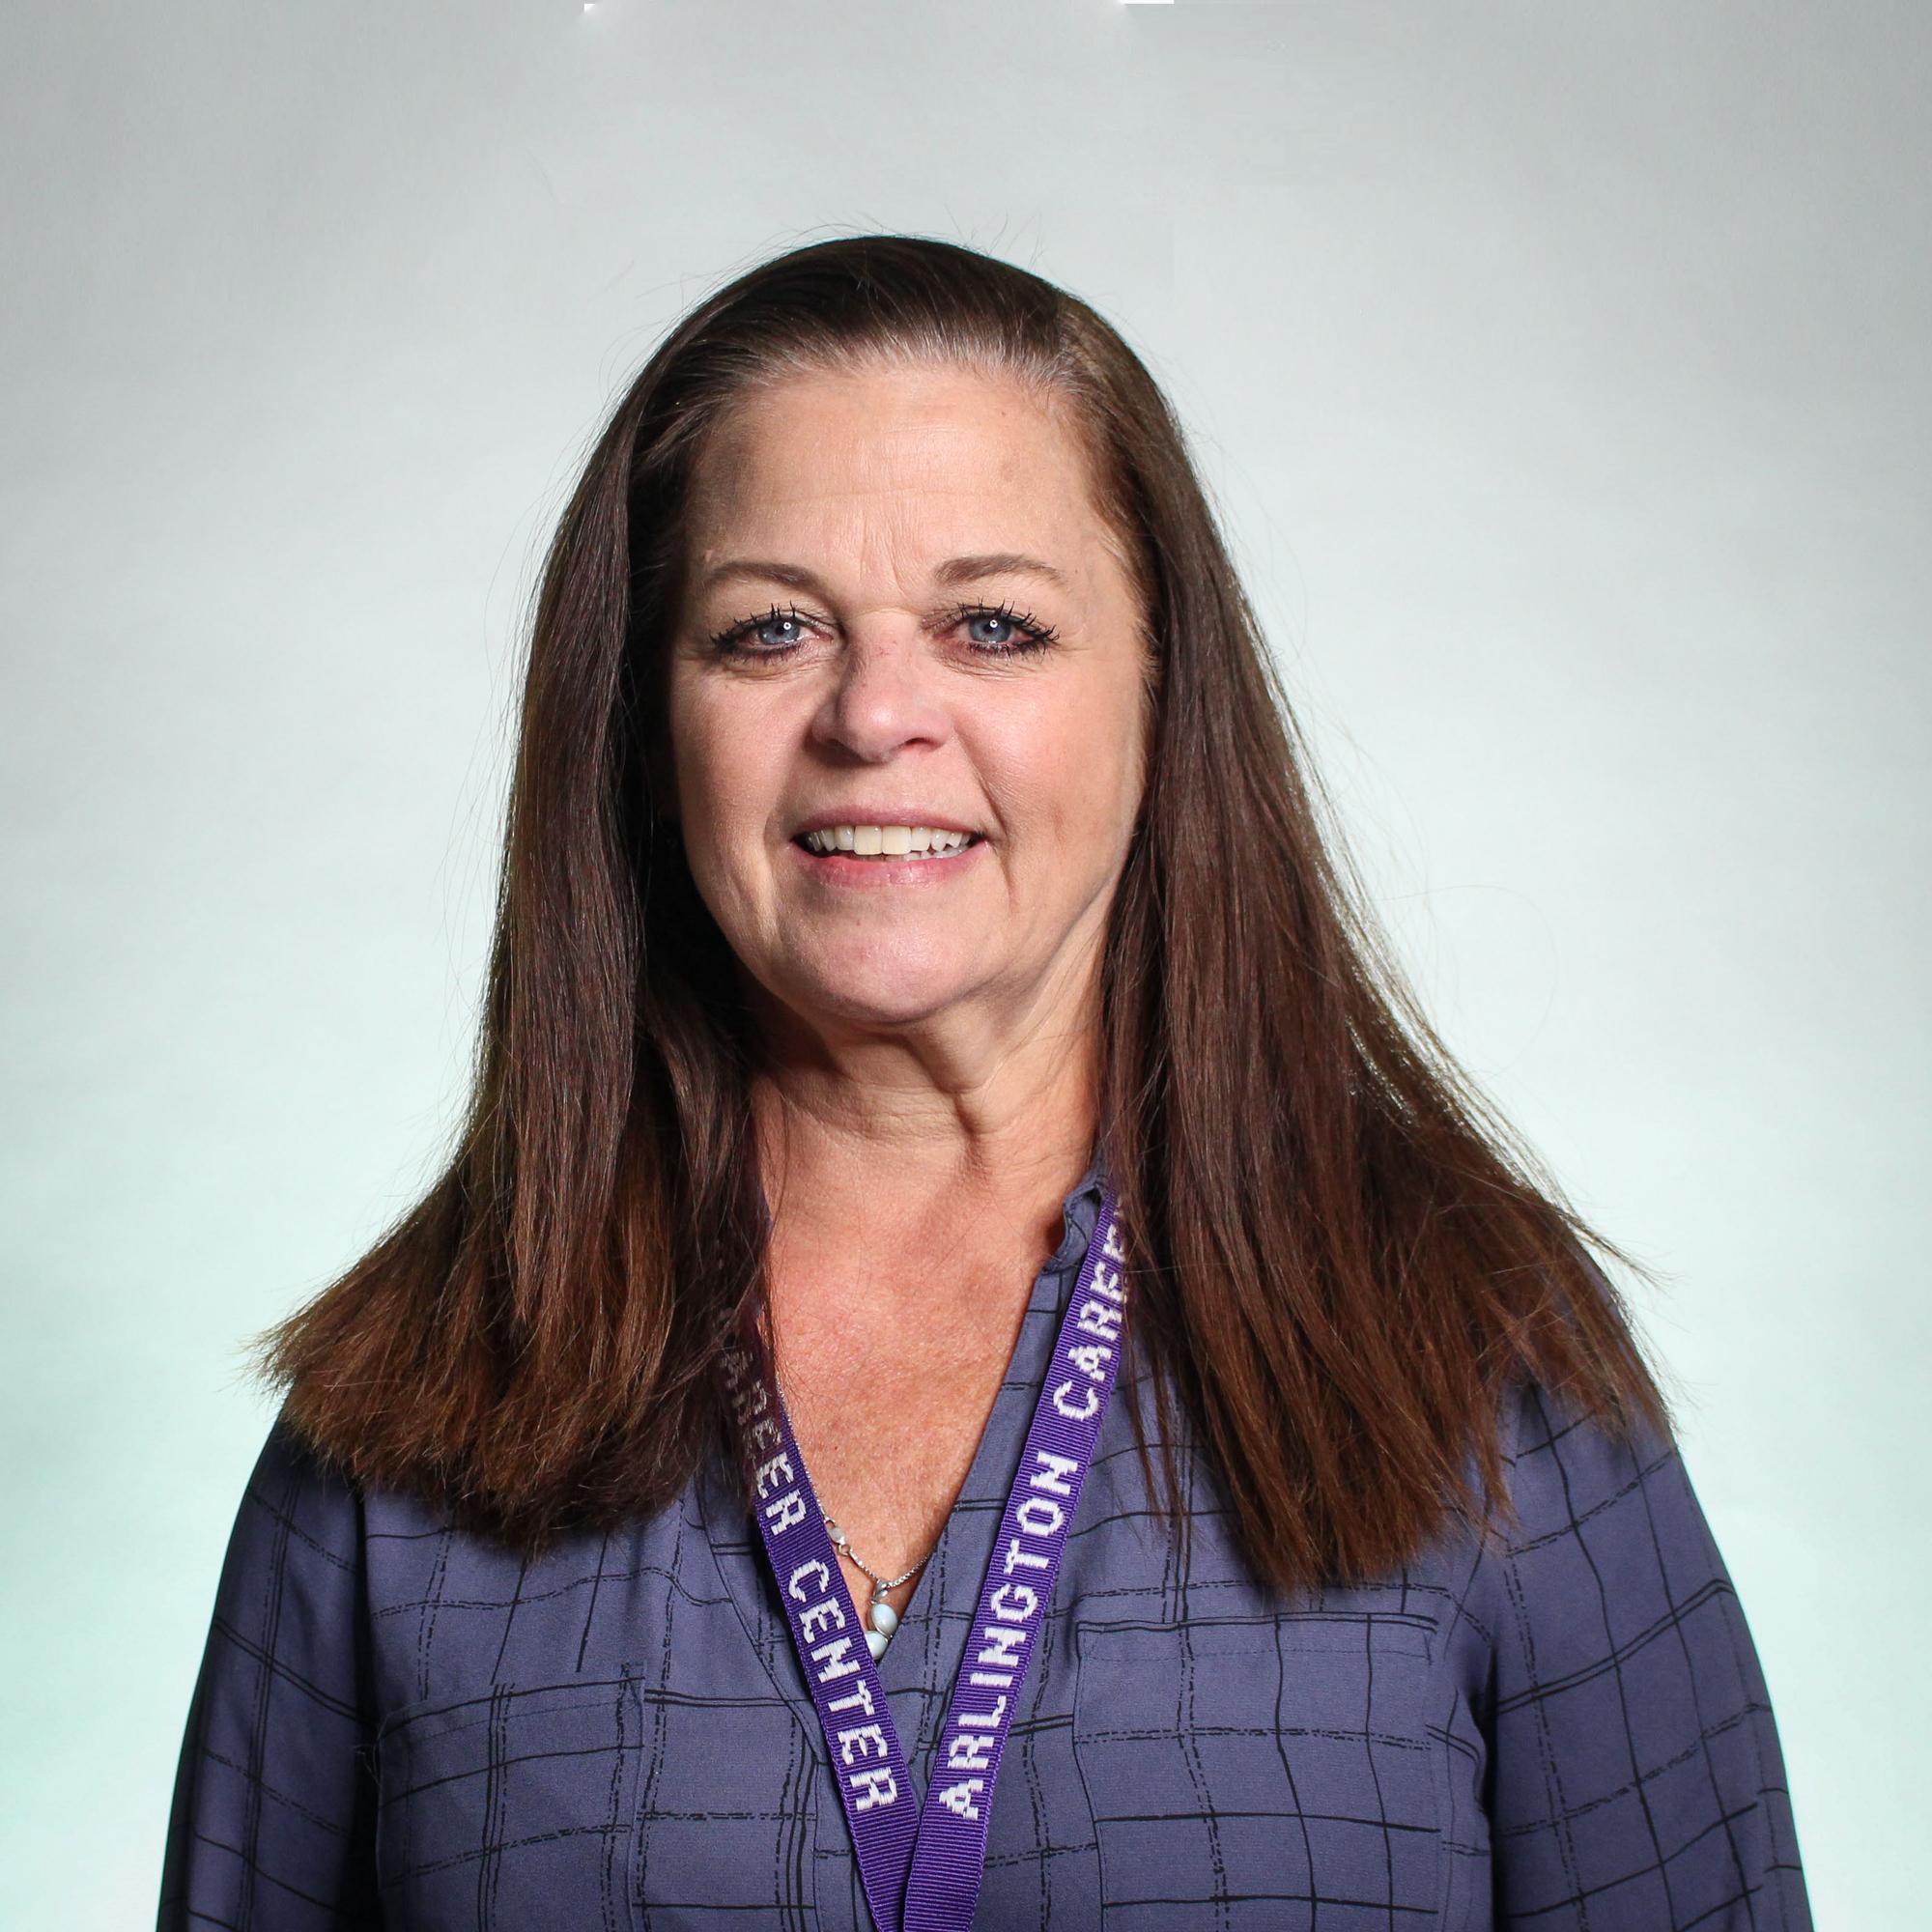 Ms. Virginia Barrow